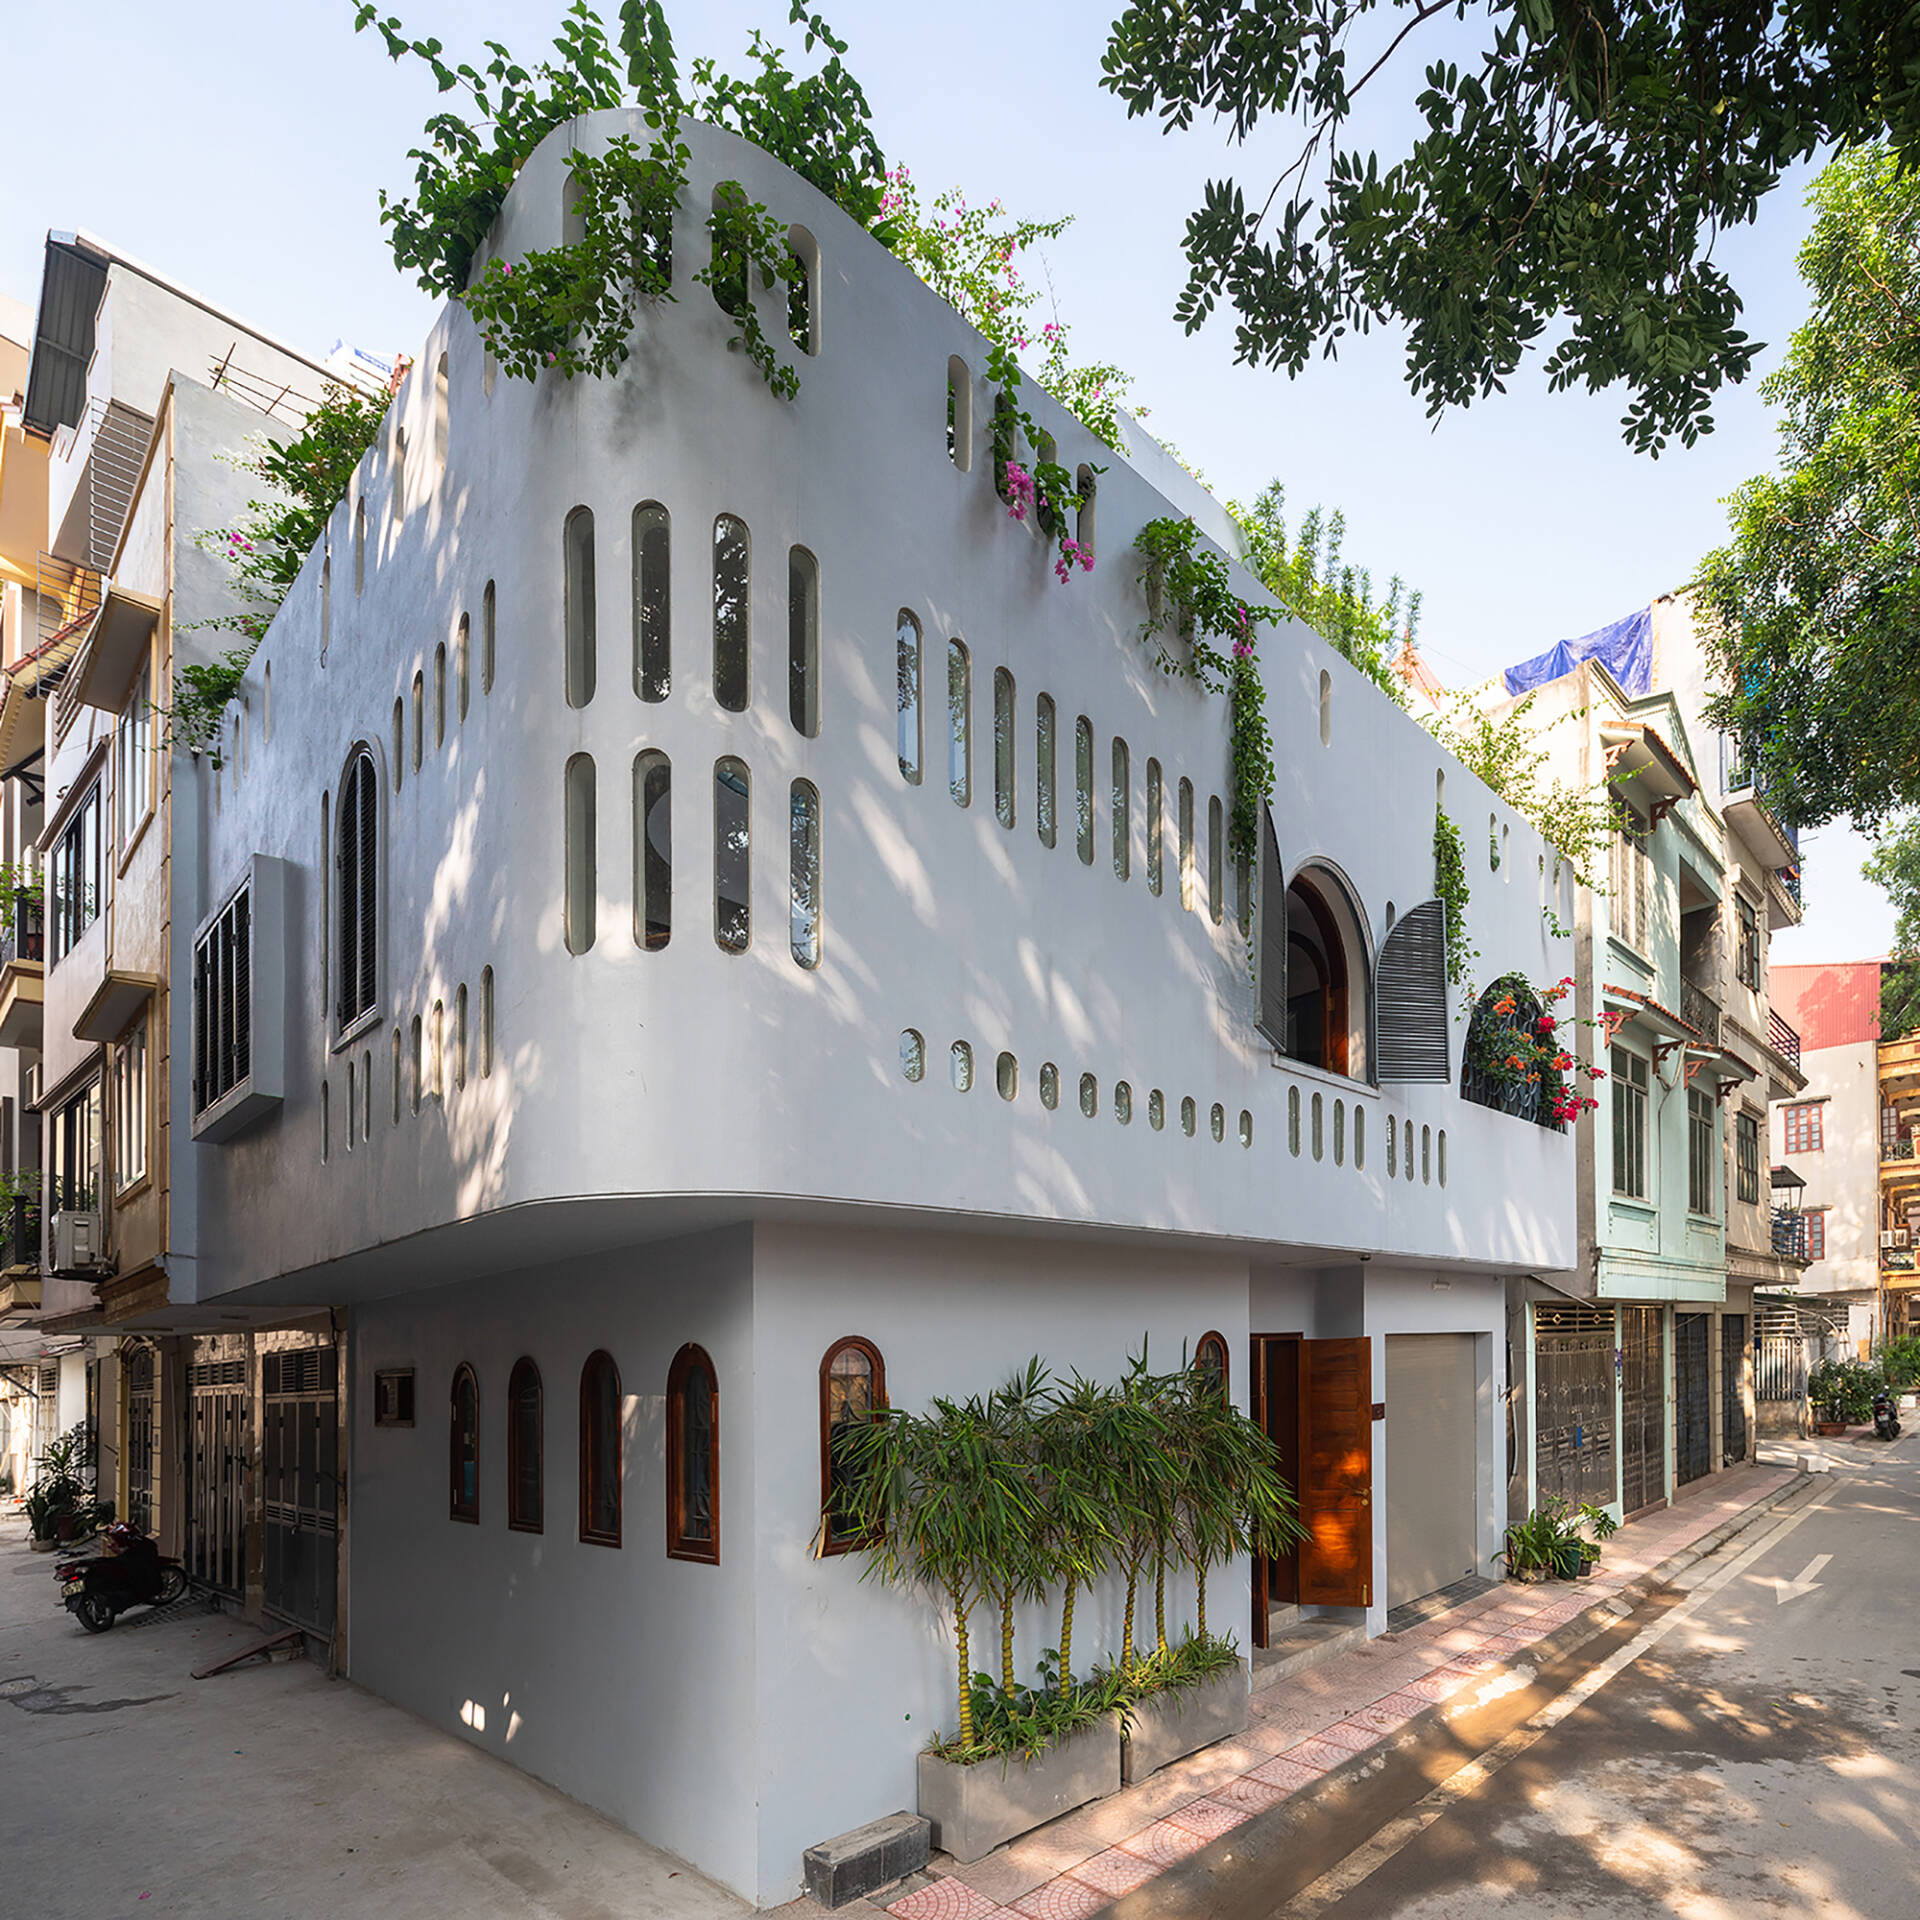 Mặt tiền ngôi nhà là những đường cong mềm mại, nhẹ nhàng với thật nhiều cửa sổ và ô thoáng